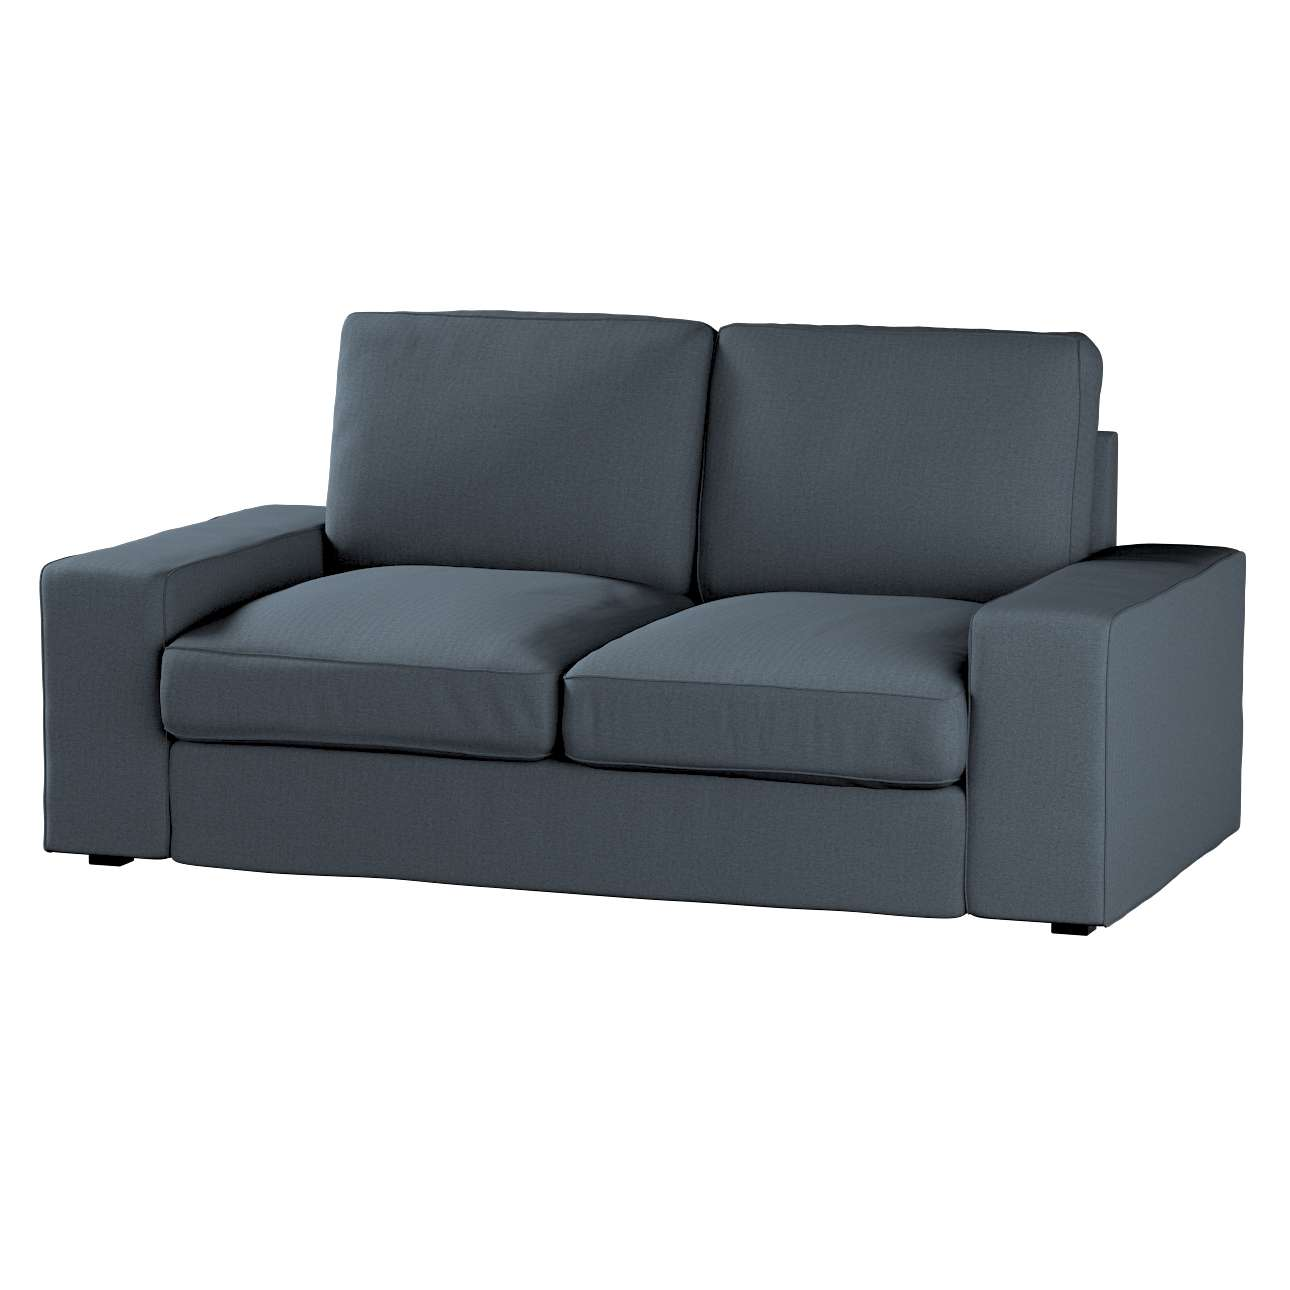 Pokrowiec na sofę Kivik 2-osobową, nierozkładaną w kolekcji Etna, tkanina: 705-30